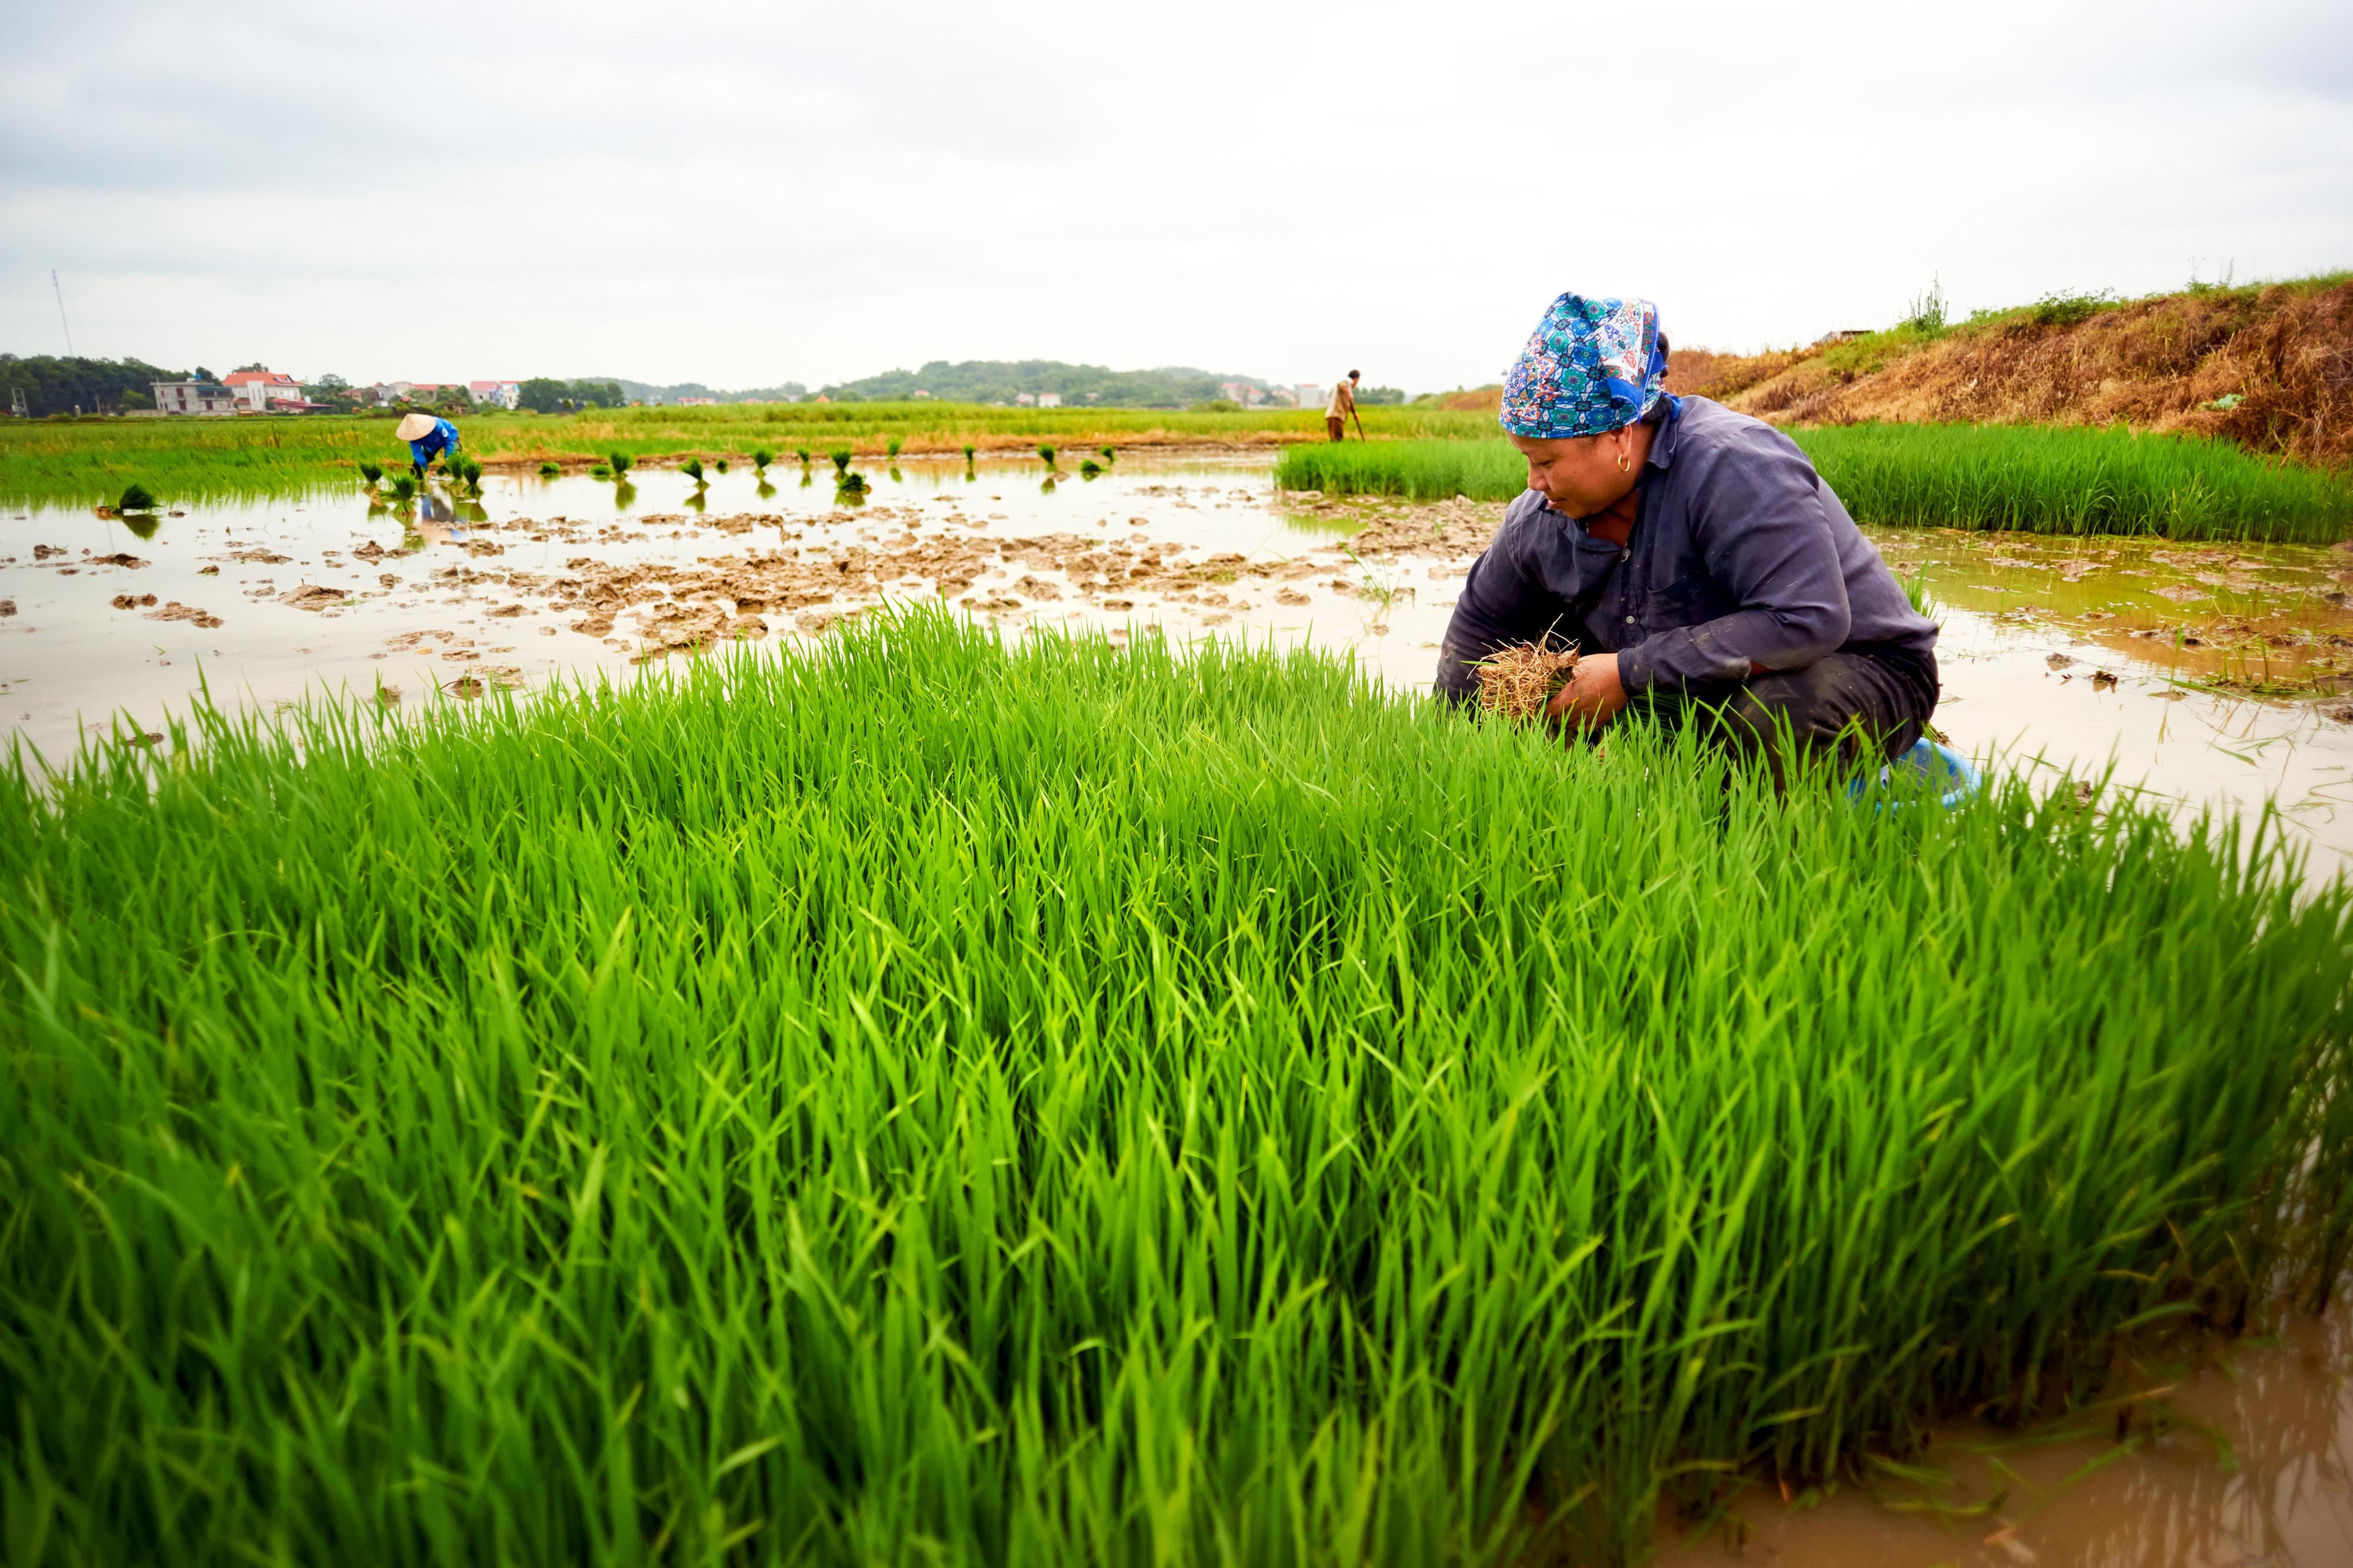 Einen Frau hockt ein einem überfluteten Reisfeld in Vietnam und bereitet Reissetzlinge für die Pflanzung vor.